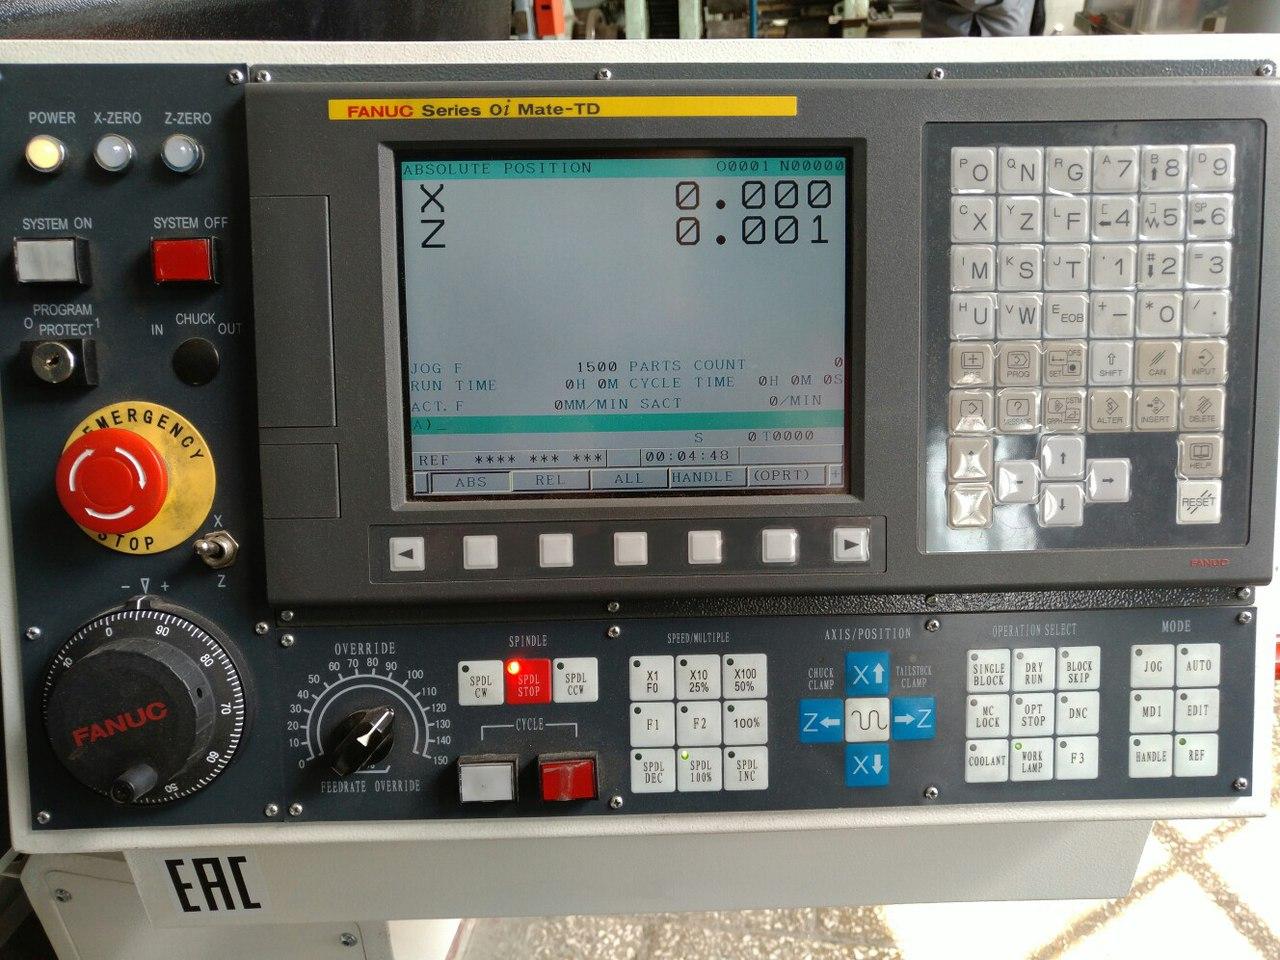 fanuc 0i-td руководство для токарных станков